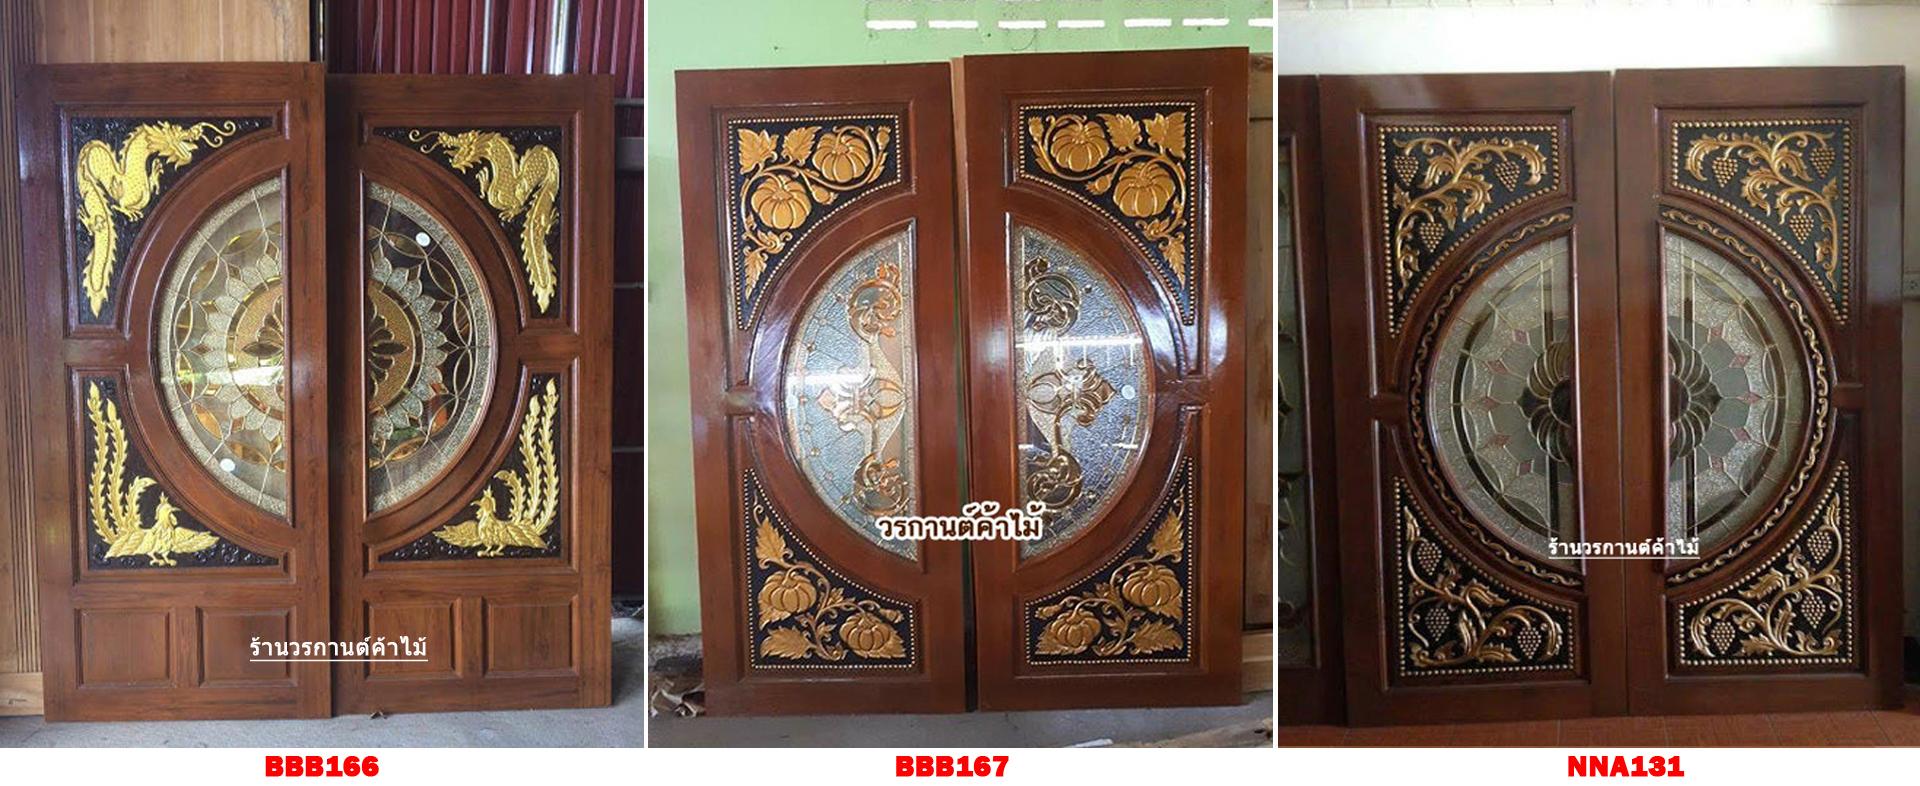 ประตูไม้สัก,ประตูไม้สักกระจกนิรภัย,ประตูไม้สักบานคู่,ประตูไม้สักบานเดี่ยว,ประตูบานเลื่อน